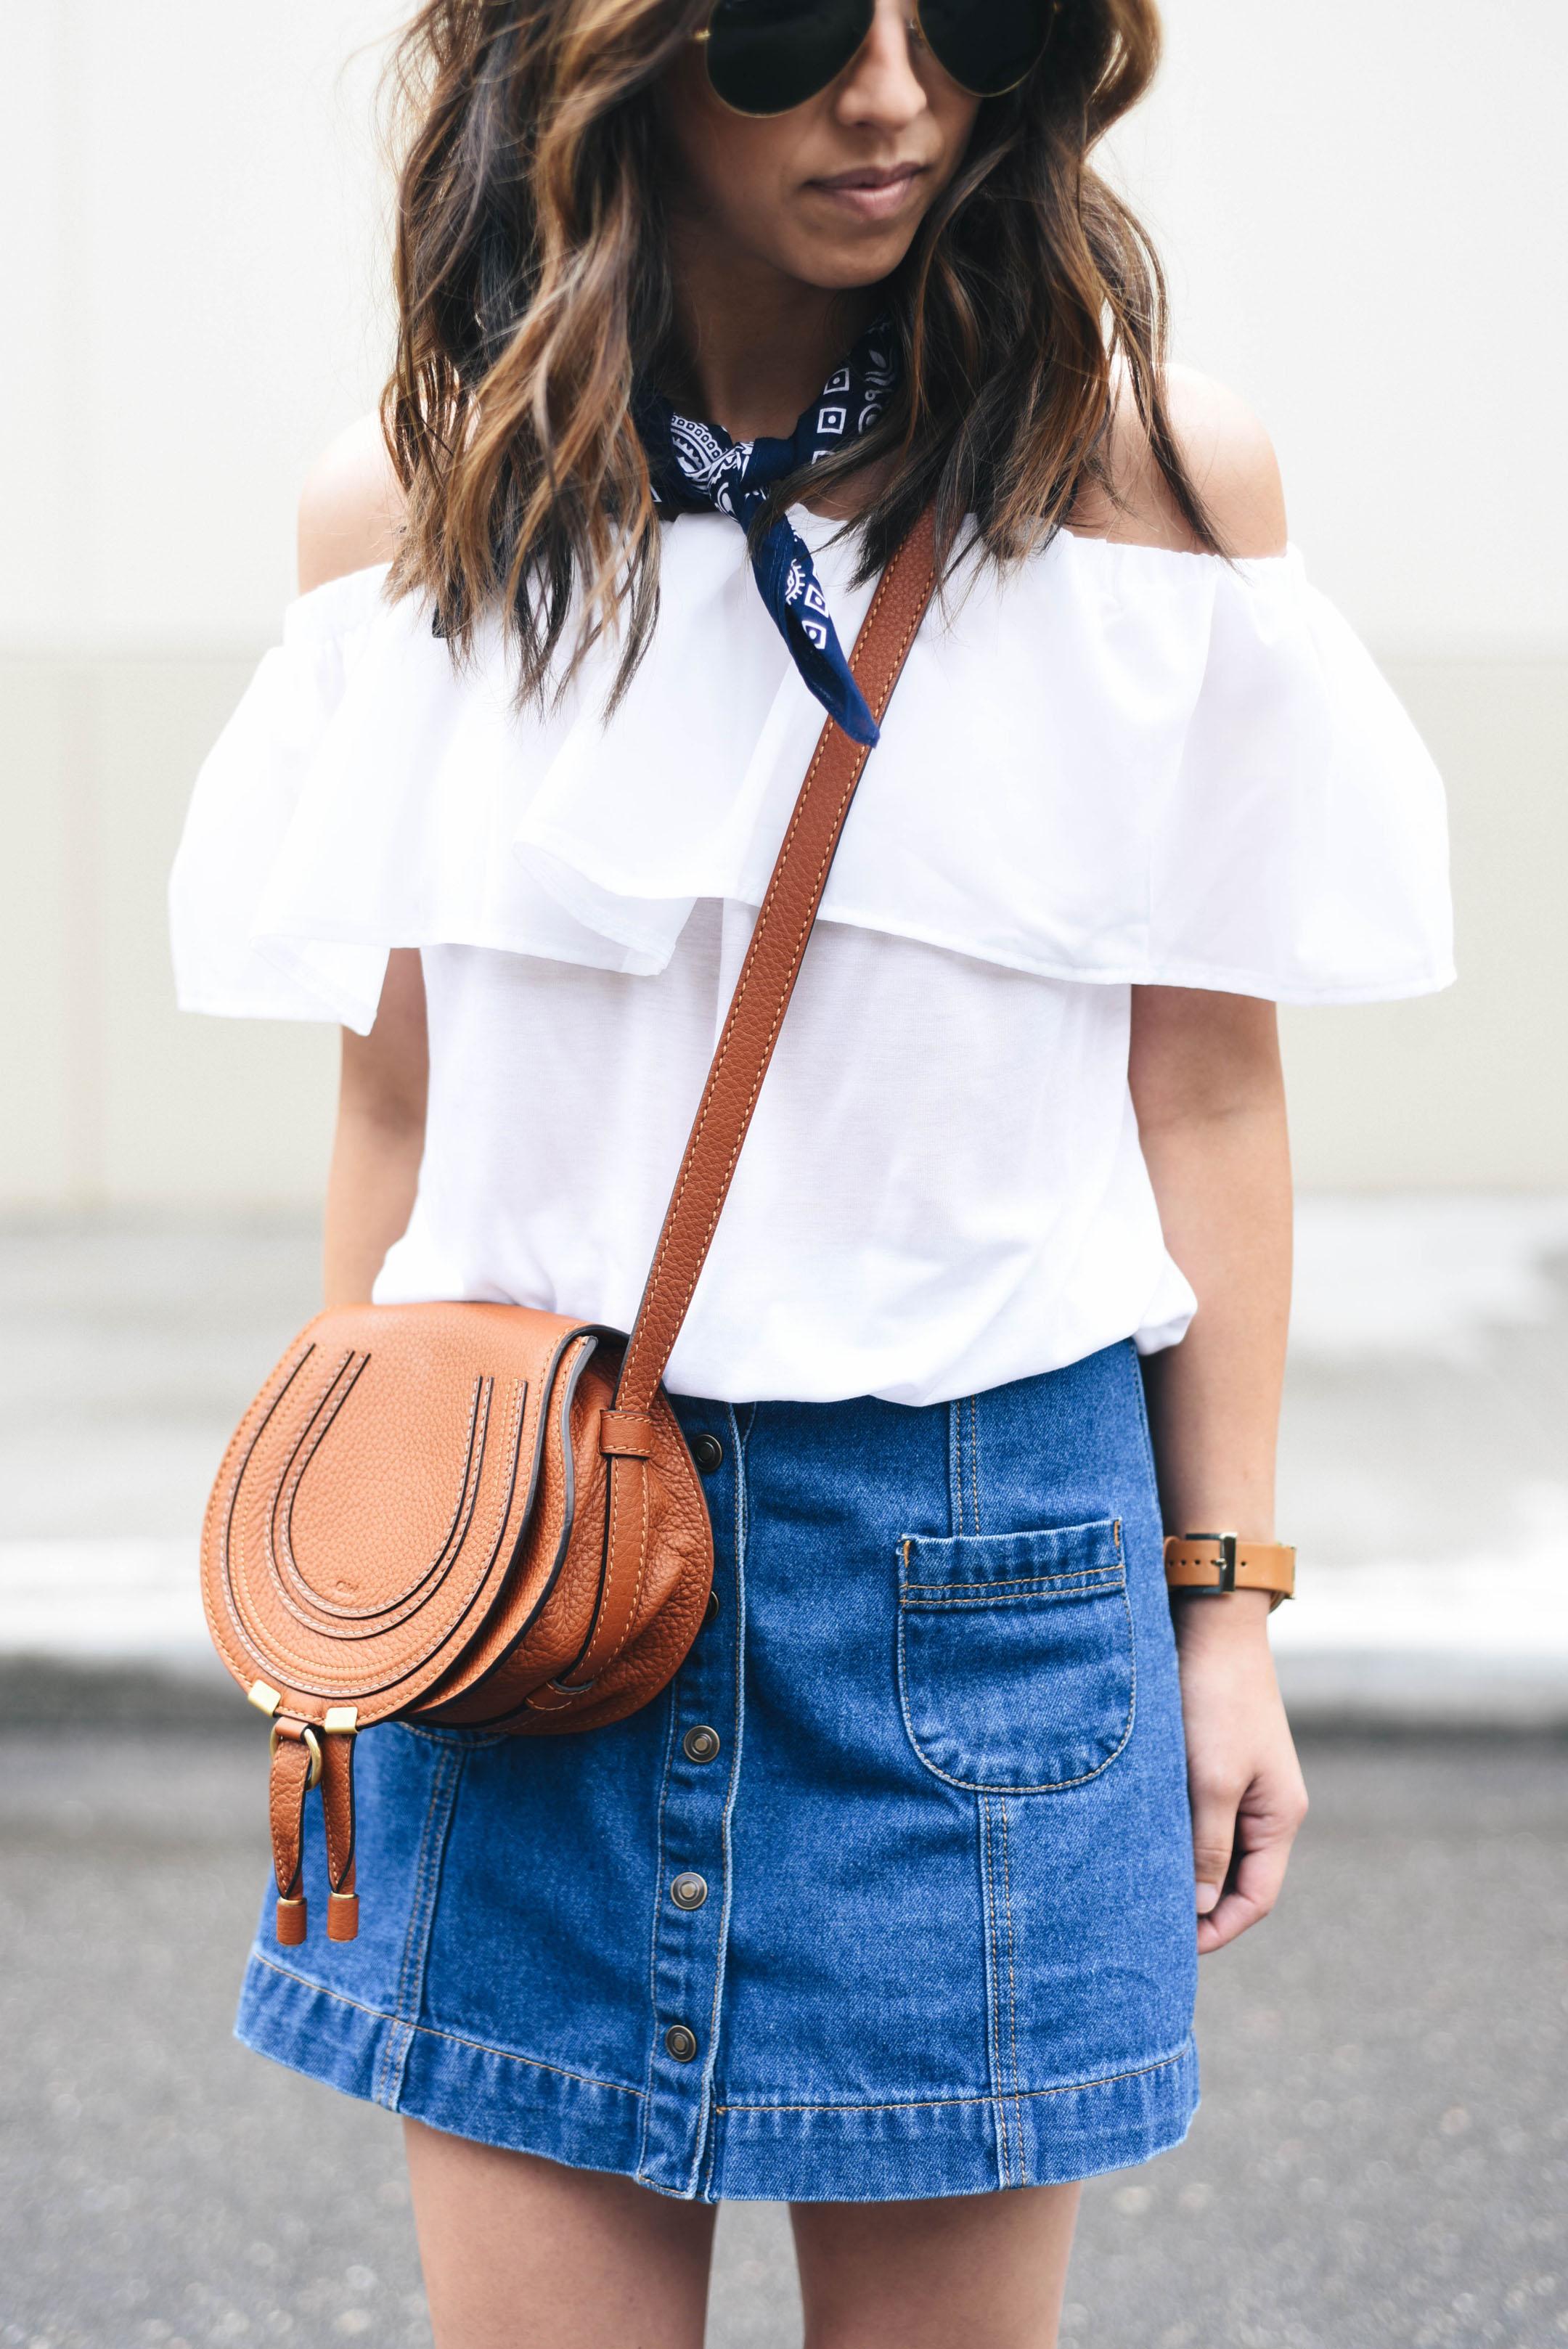 Chloe small marcie bag 1